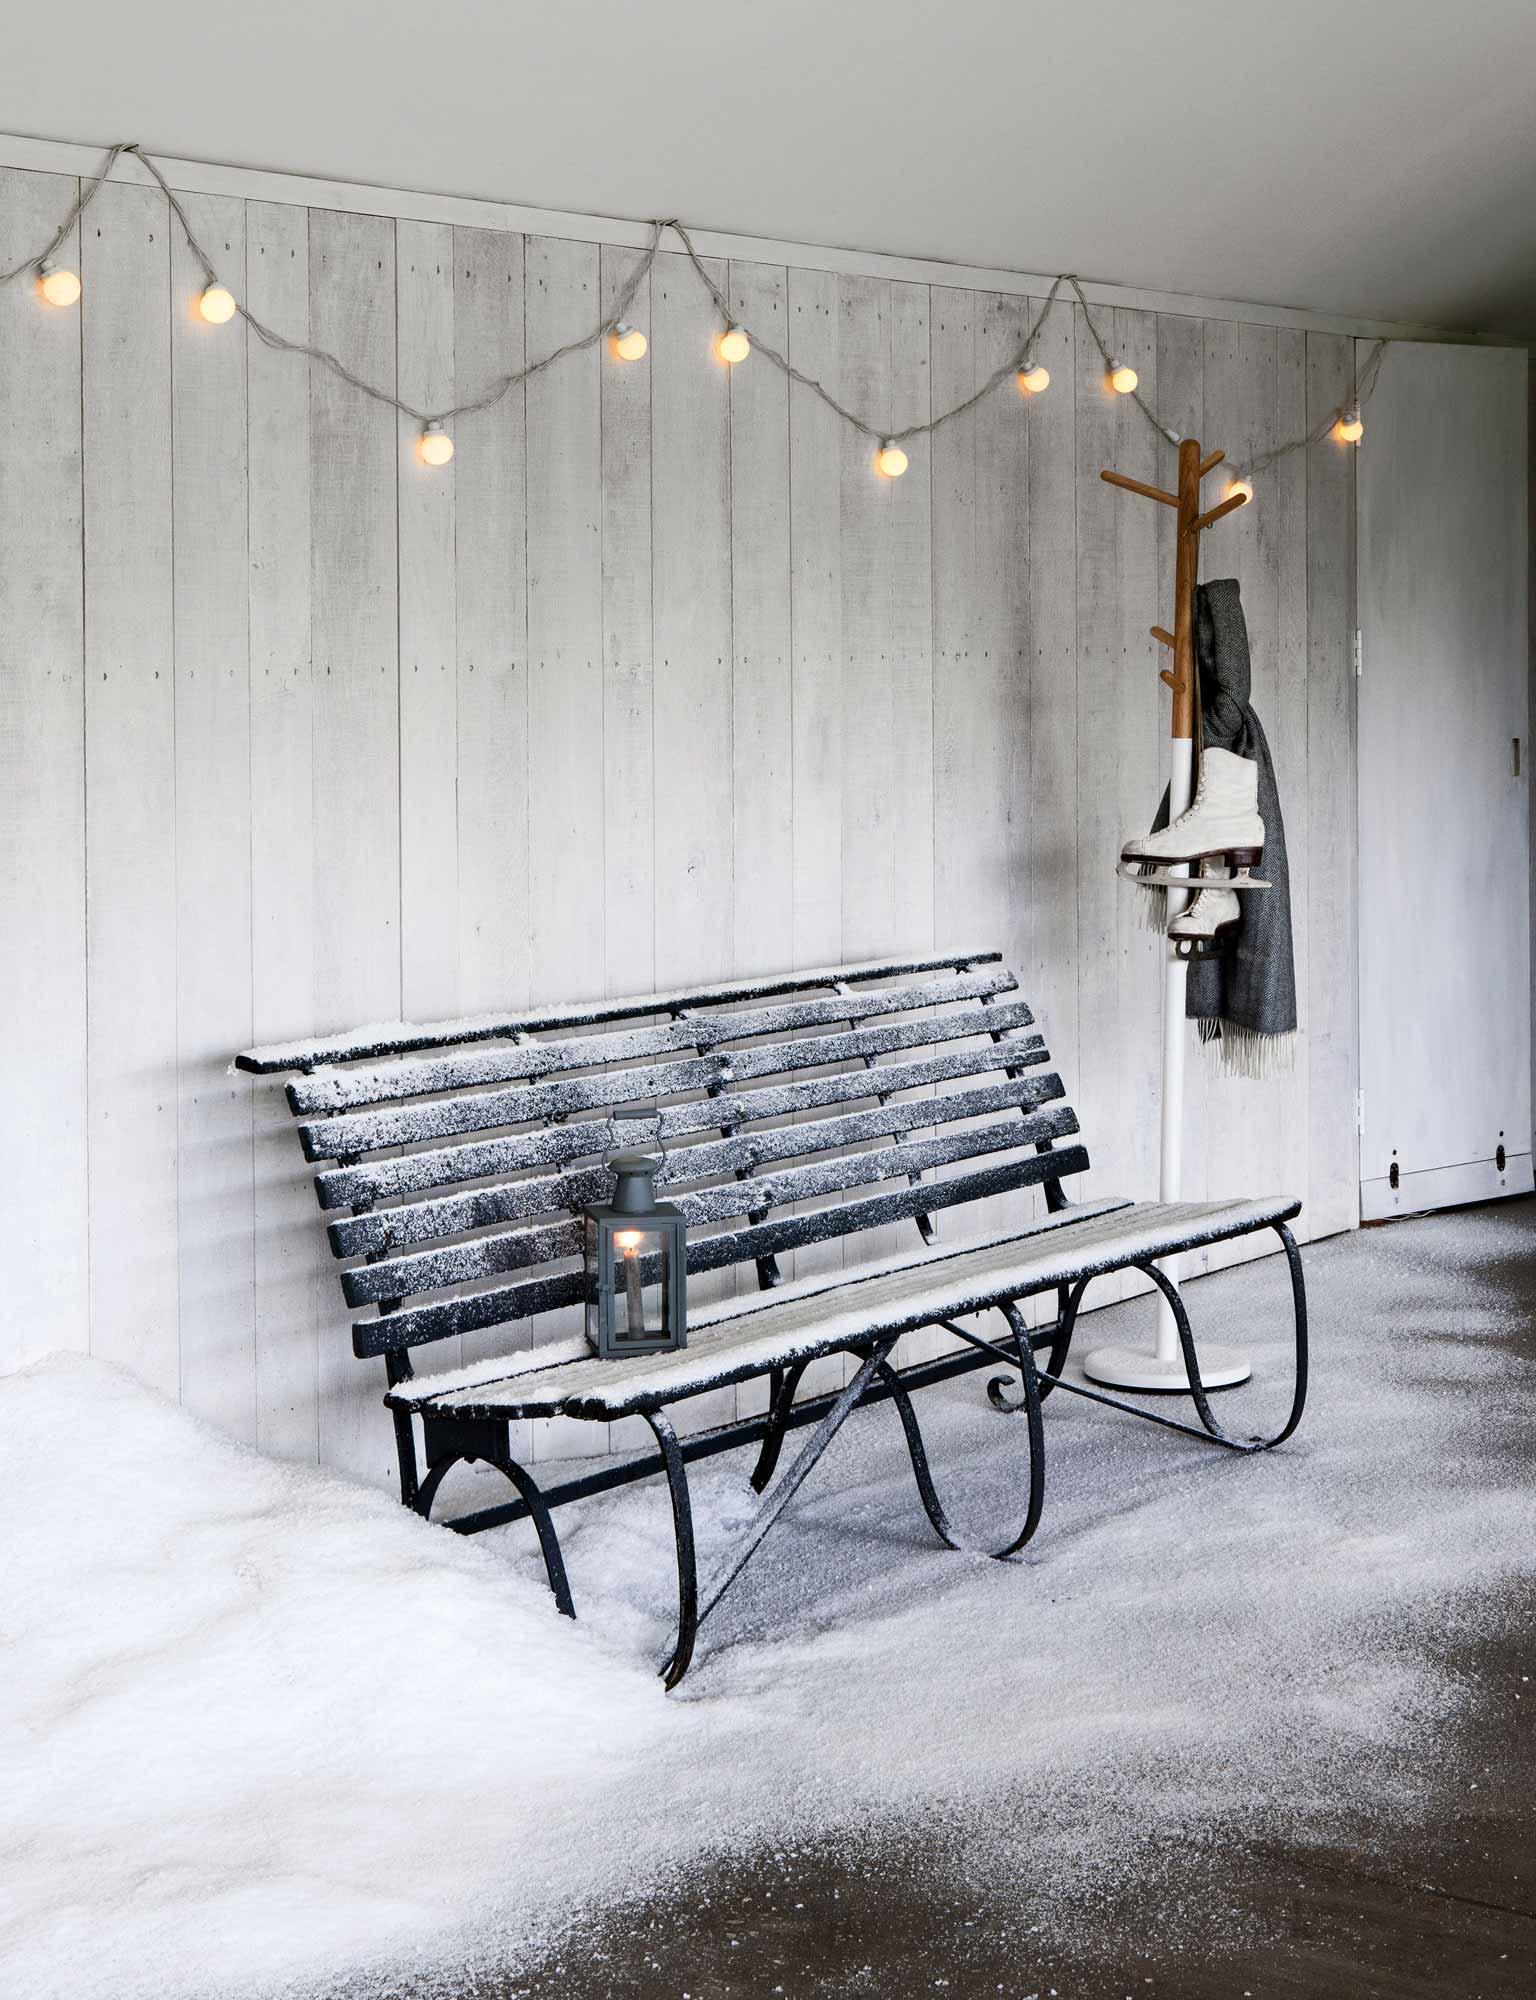 Außergewöhnliche Weihnachtsbeleuchtung.Ideen Zur Haus Weihnachtsbeleuchtung Lights4fun De